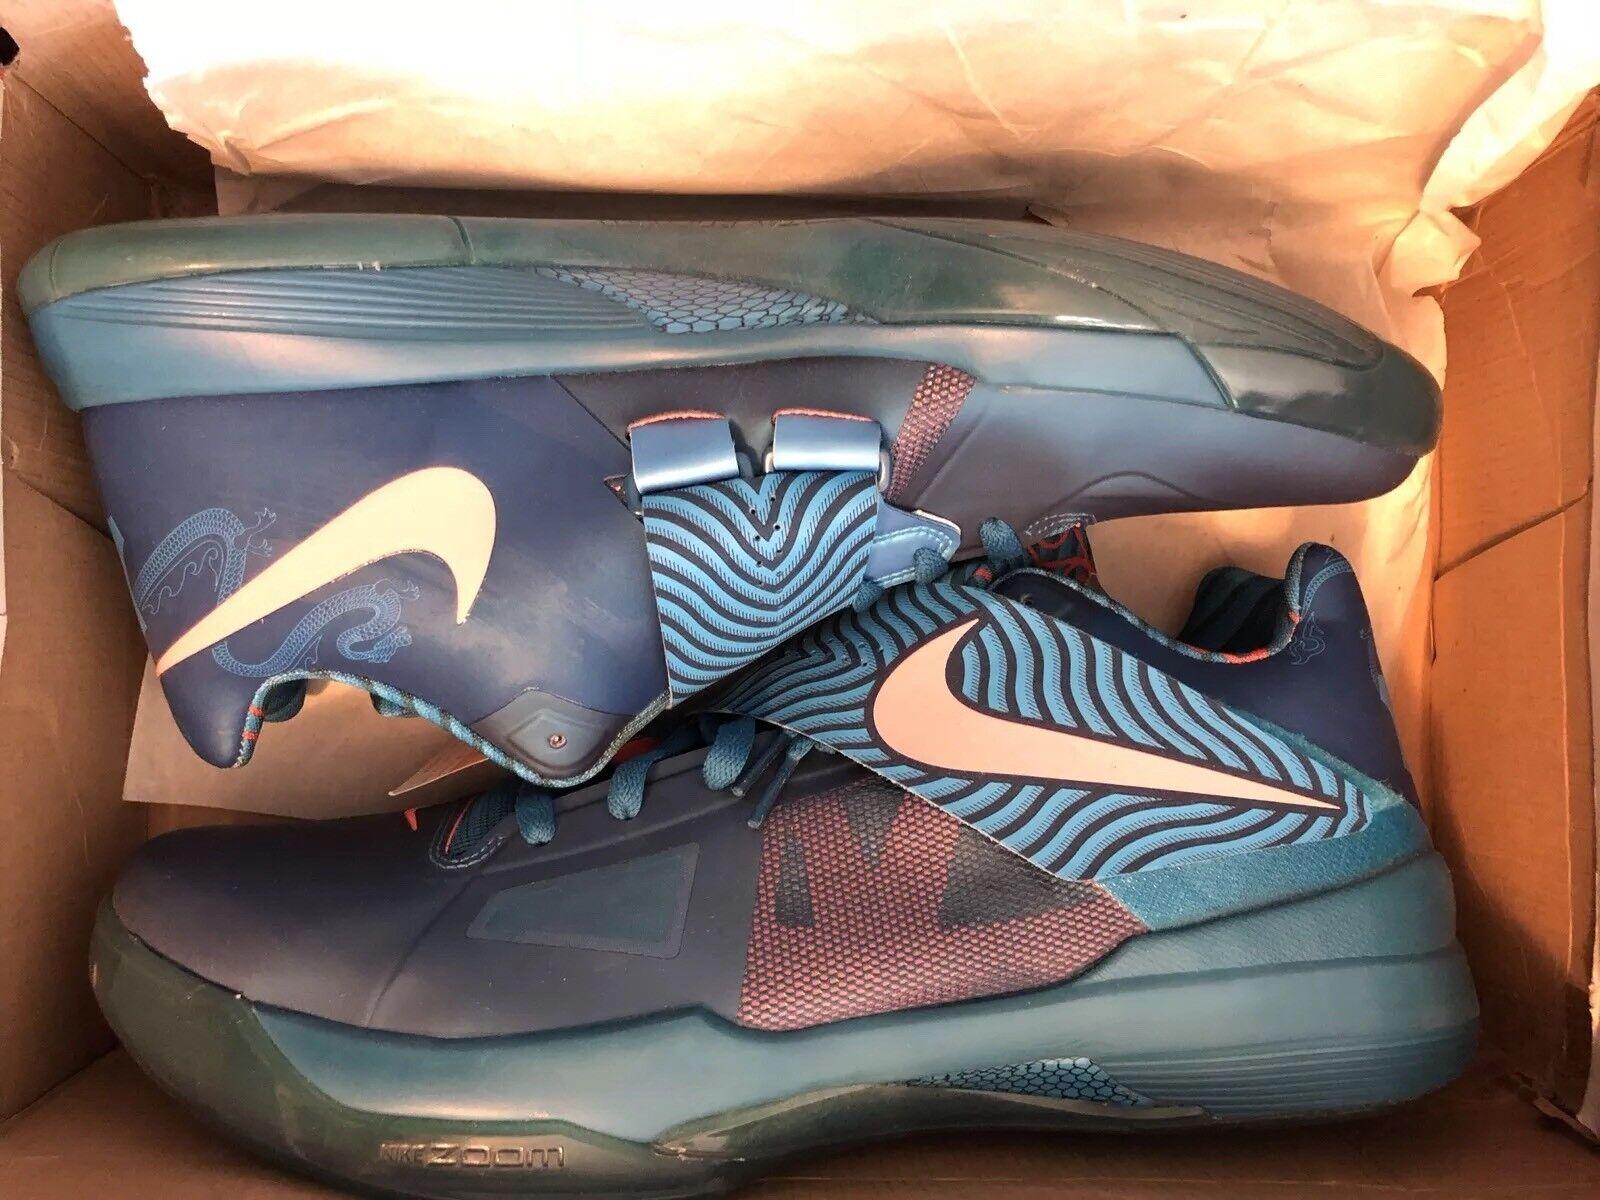 Nike kd - 4. jahr des drachen drachen drachen yotd b9f2eb